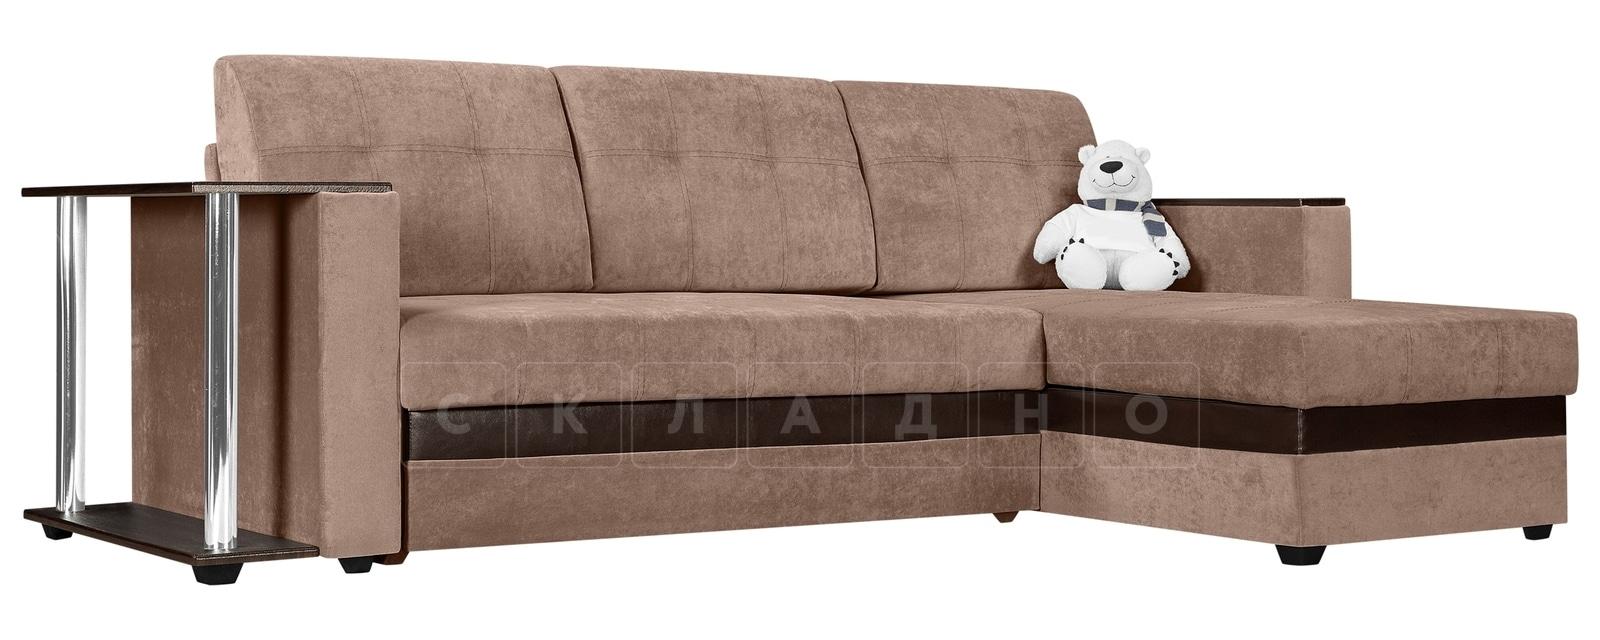 Угловой диван Атланта вельвет светло-коричневый фото 1 | интернет-магазин Складно